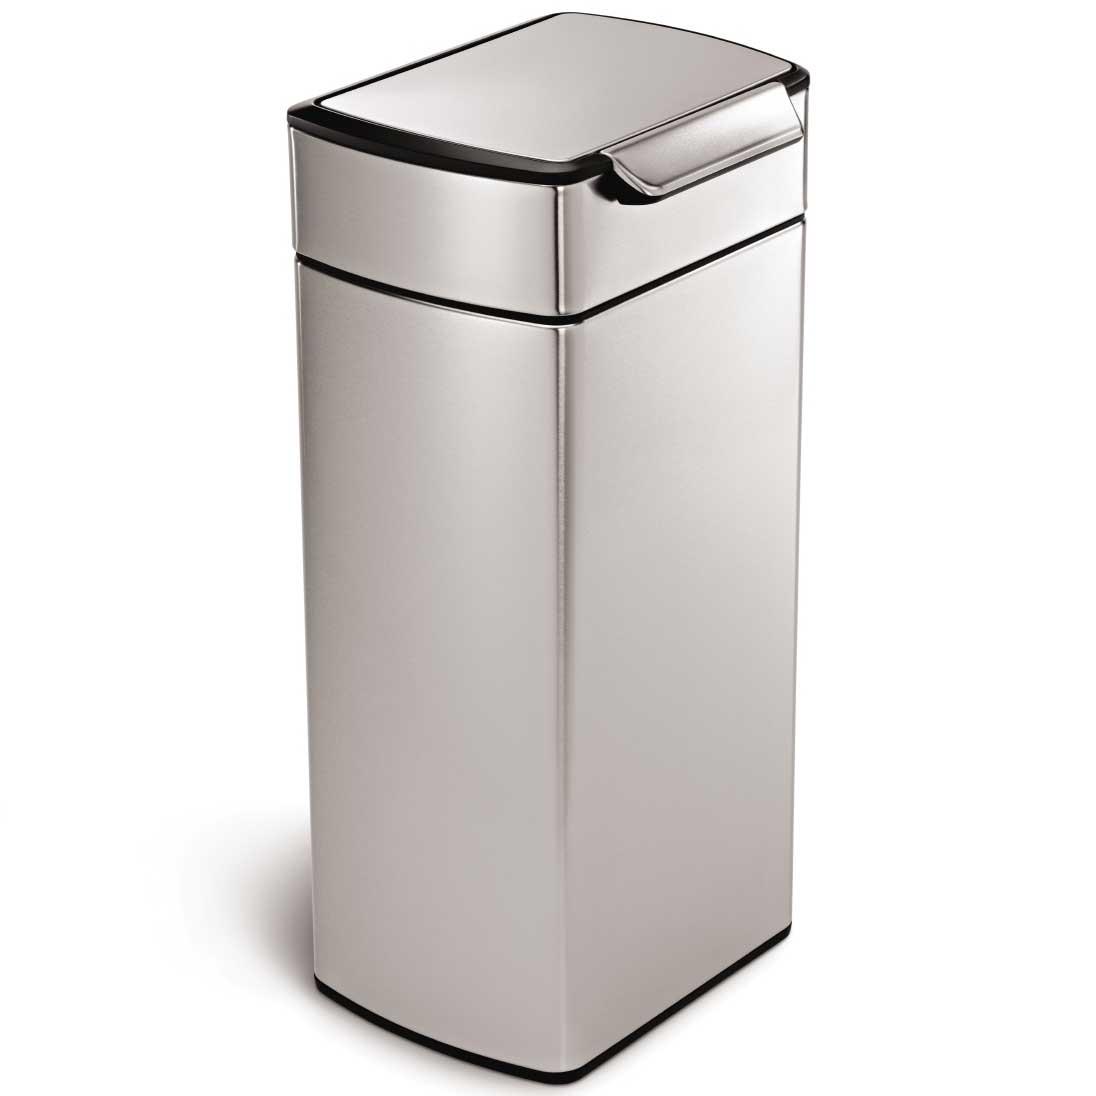 simplehuman ゴミ箱 タッチバーカン おしゃれ シンプルヒューマン 正規品 メーカー保証付き CW2015 レクタンギュラー 角型30L